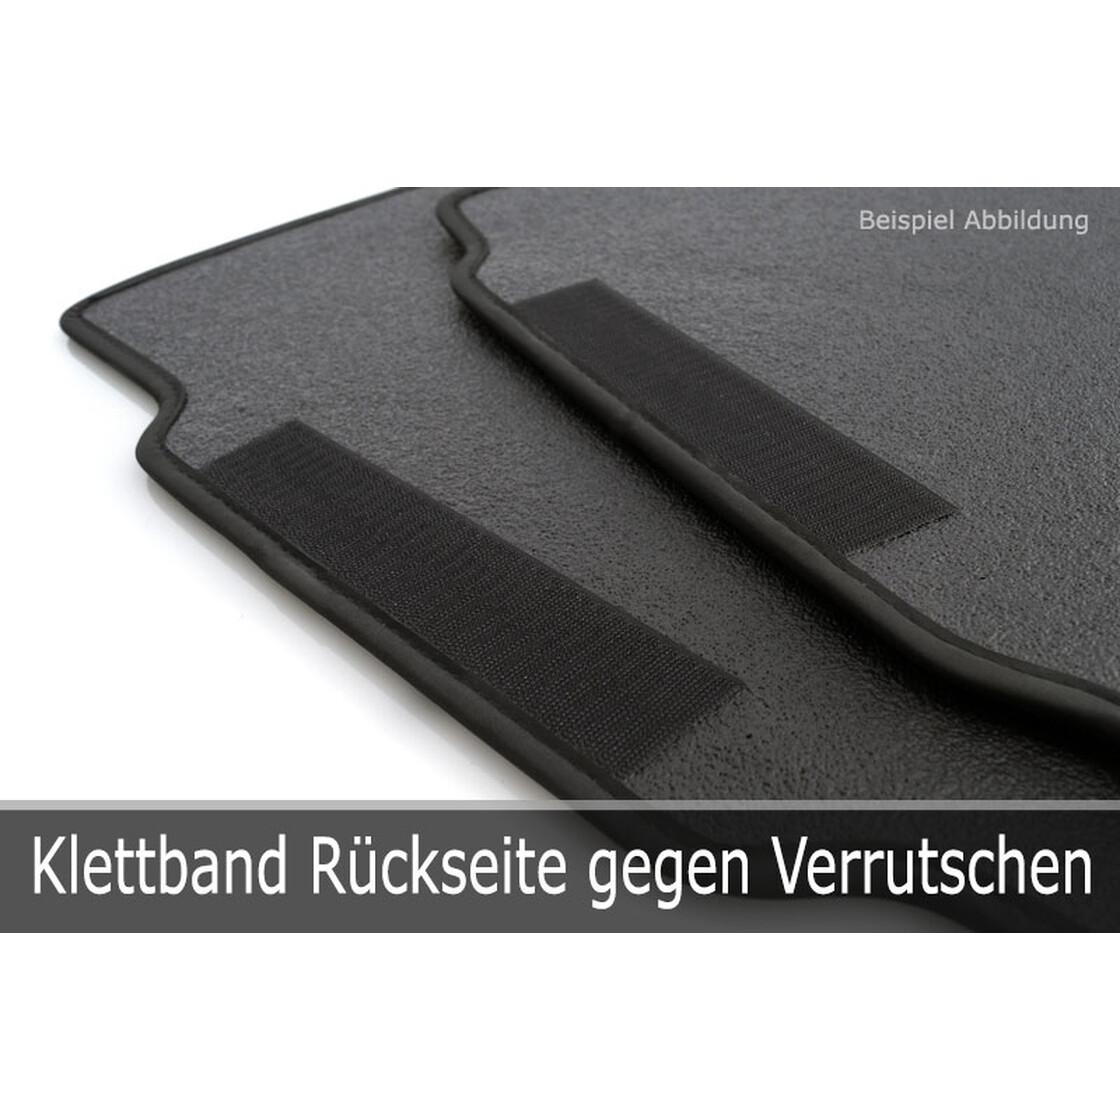 Velour Fußmatten Passend für Nissan Micra 3 K12 2002-2010 - Anthrazit 4tlg 2u